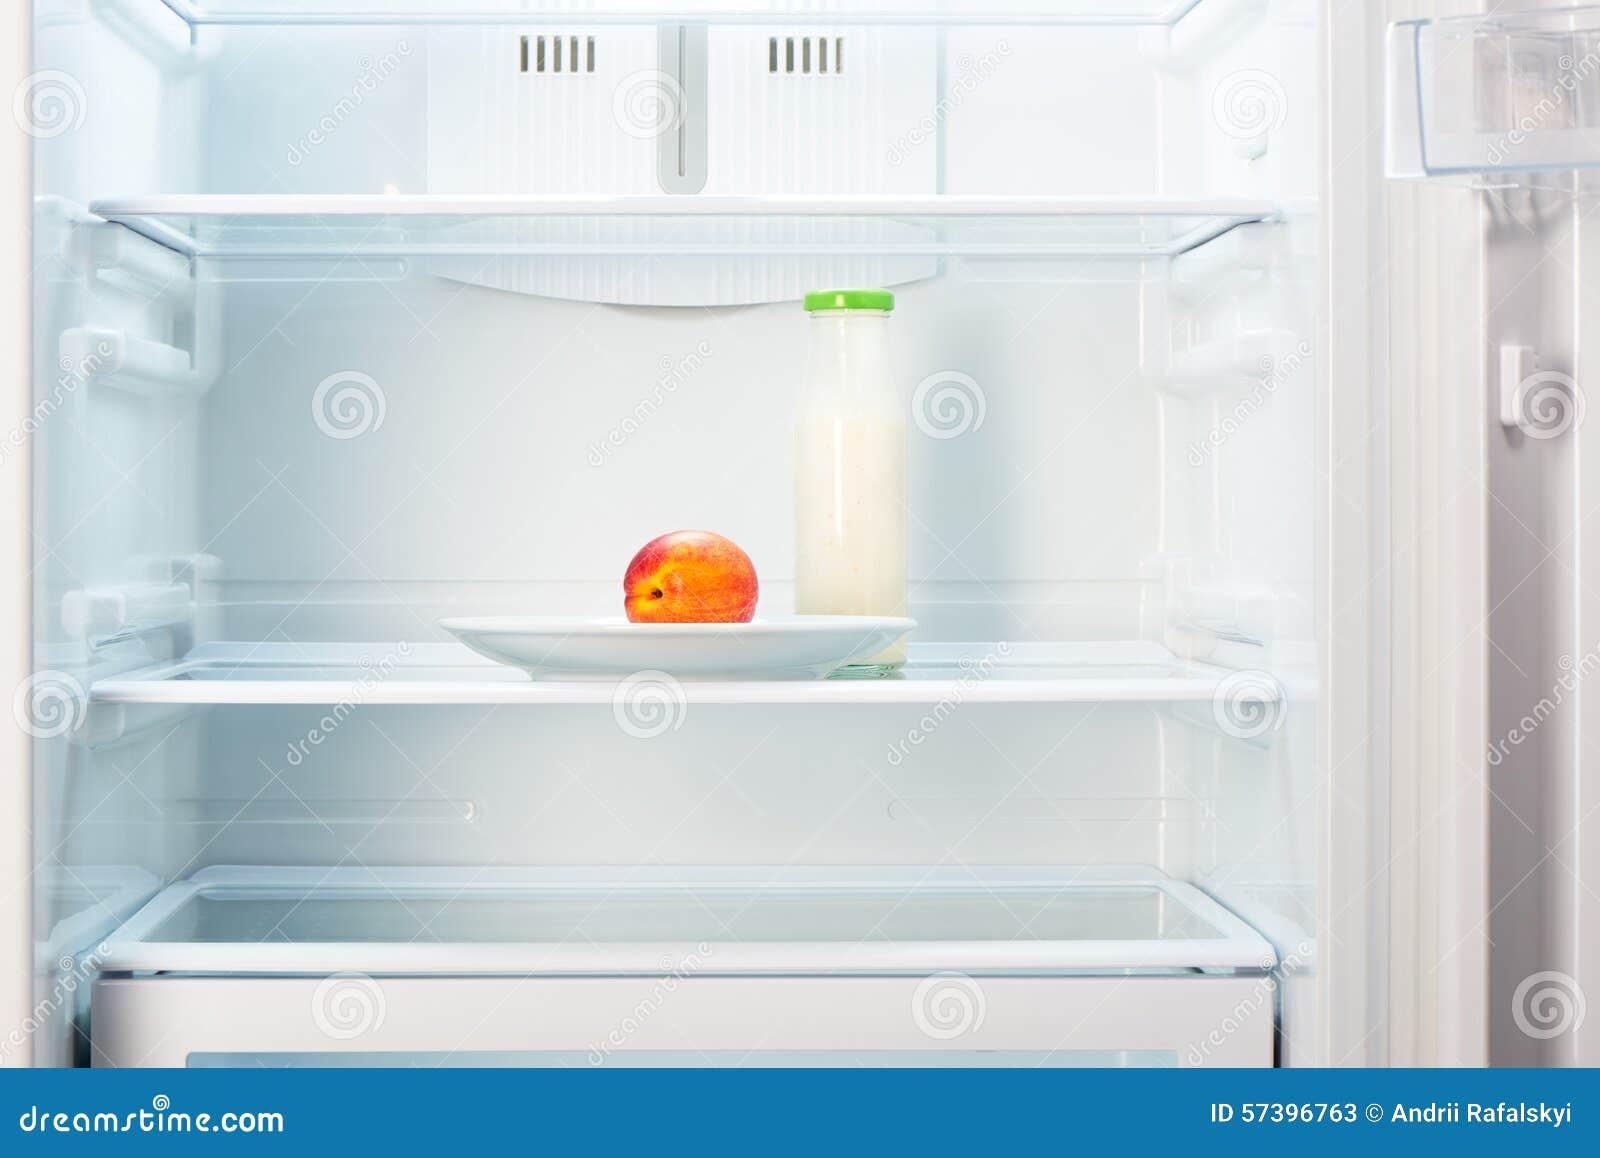 Perzik op witte plaat met fles yoghurt in ijskast